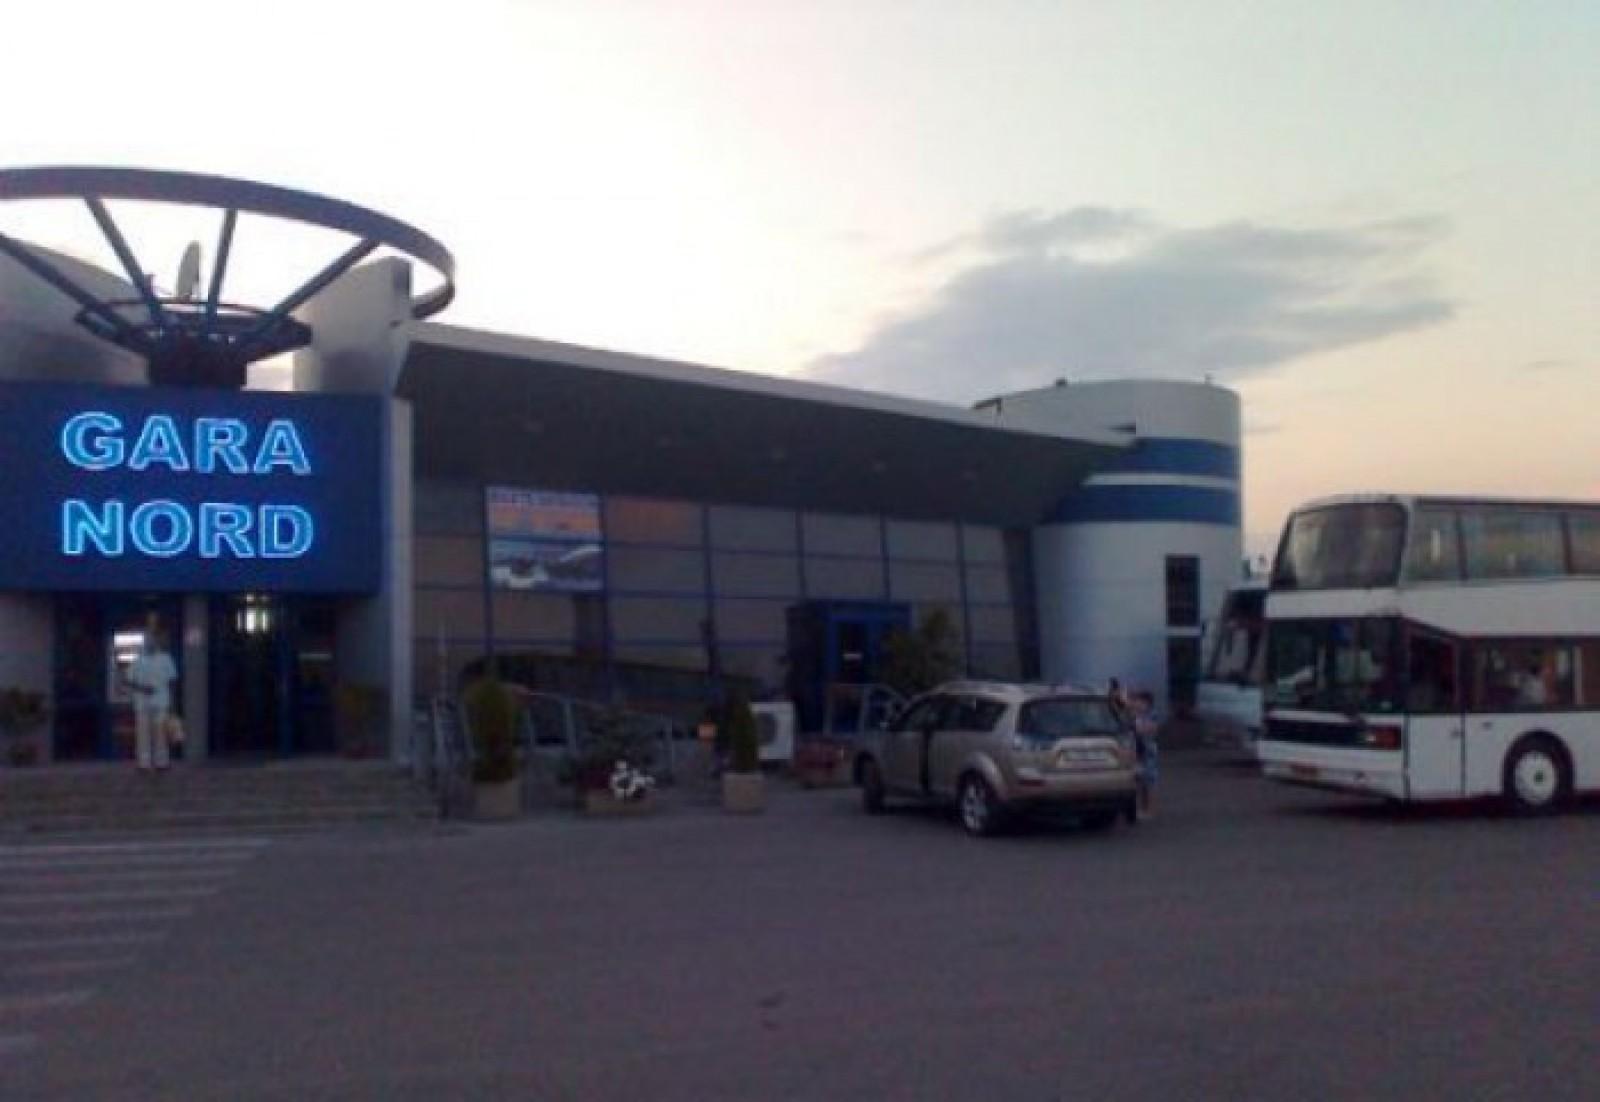 Mold-street: O nouă scumpire. Costul unei călătorii în transportul interurban poate creşte cu 10 bani/kilometru